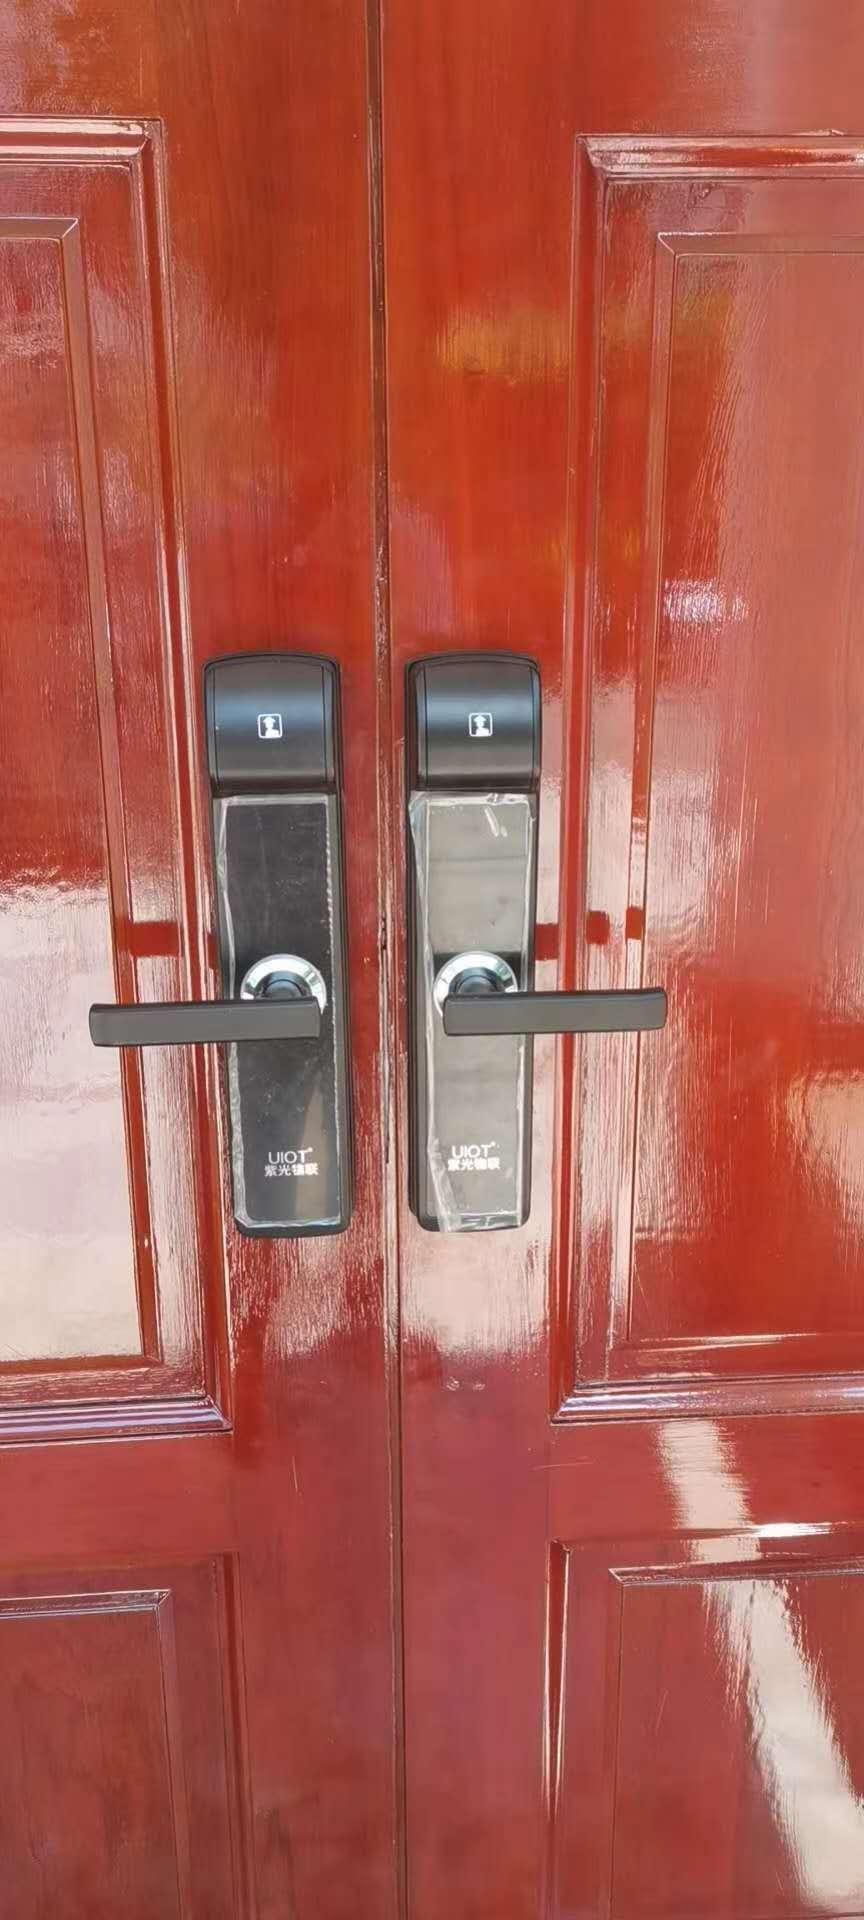 普通换锁价格是多少?增城换锁芯有哪几个步骤-- 广州市增城爱锁锁业经营部